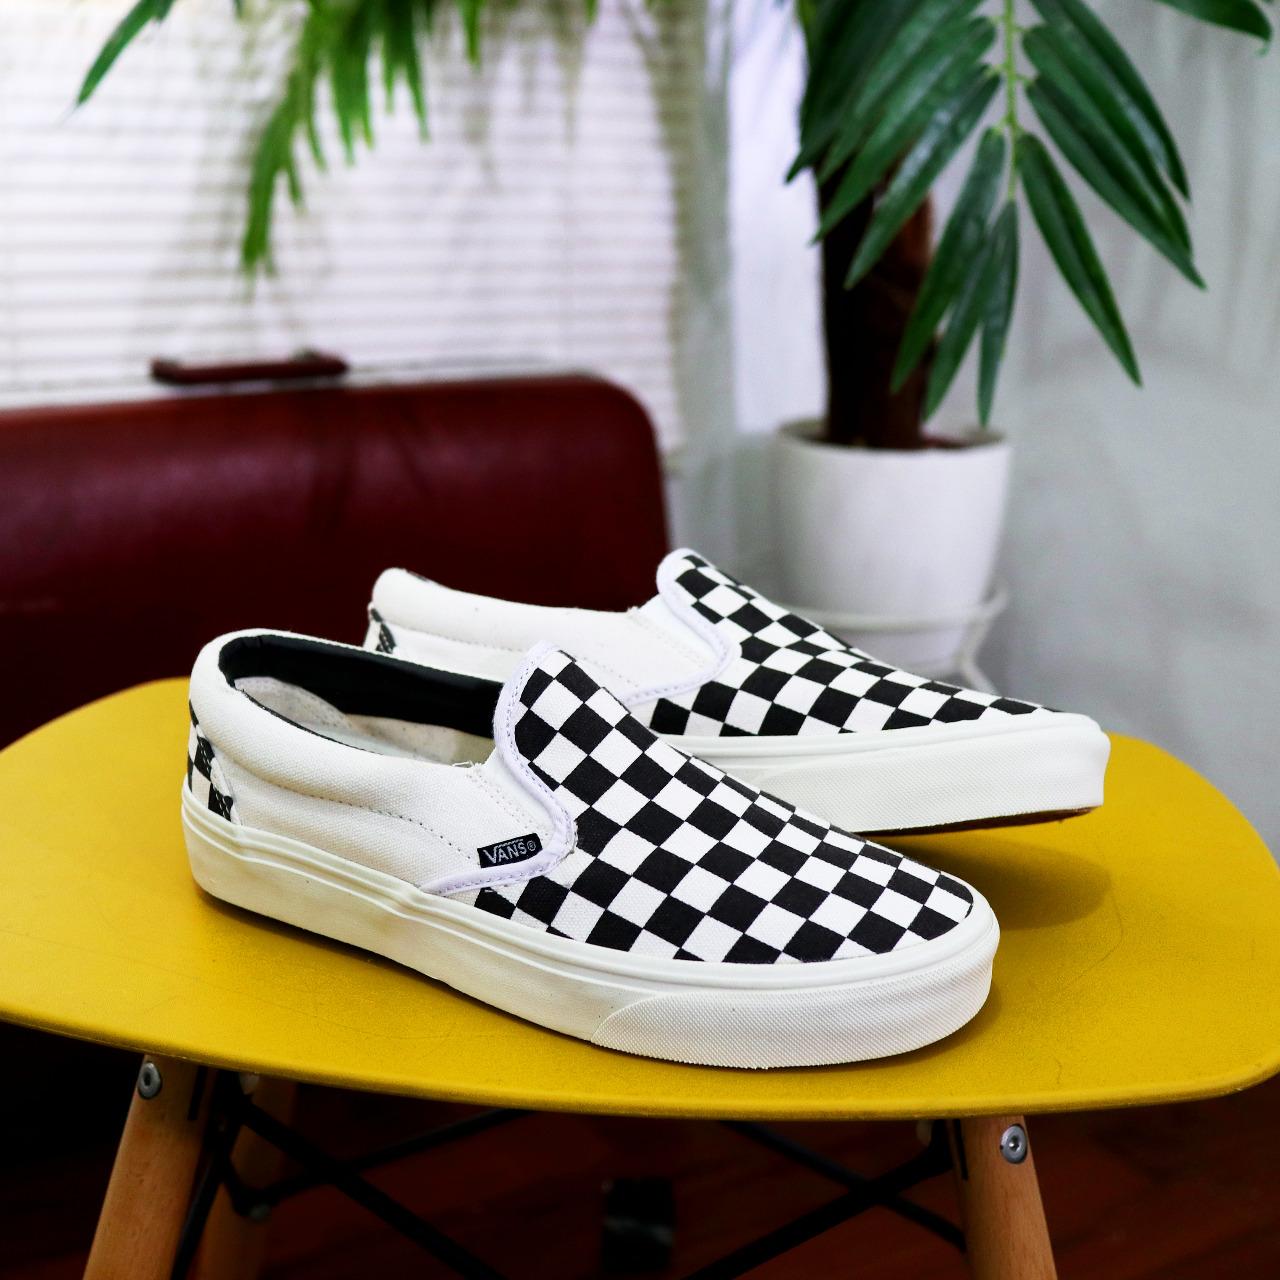 slip on chkerboard black white sepatu pria  / sepatupria /sepatuwanita/sepatukerja/sepatusekolah/sepatu/sepatusantai/sepatuolahraga/sepaturunning/sepatujogging/sneakerscowo/sneakerscewe